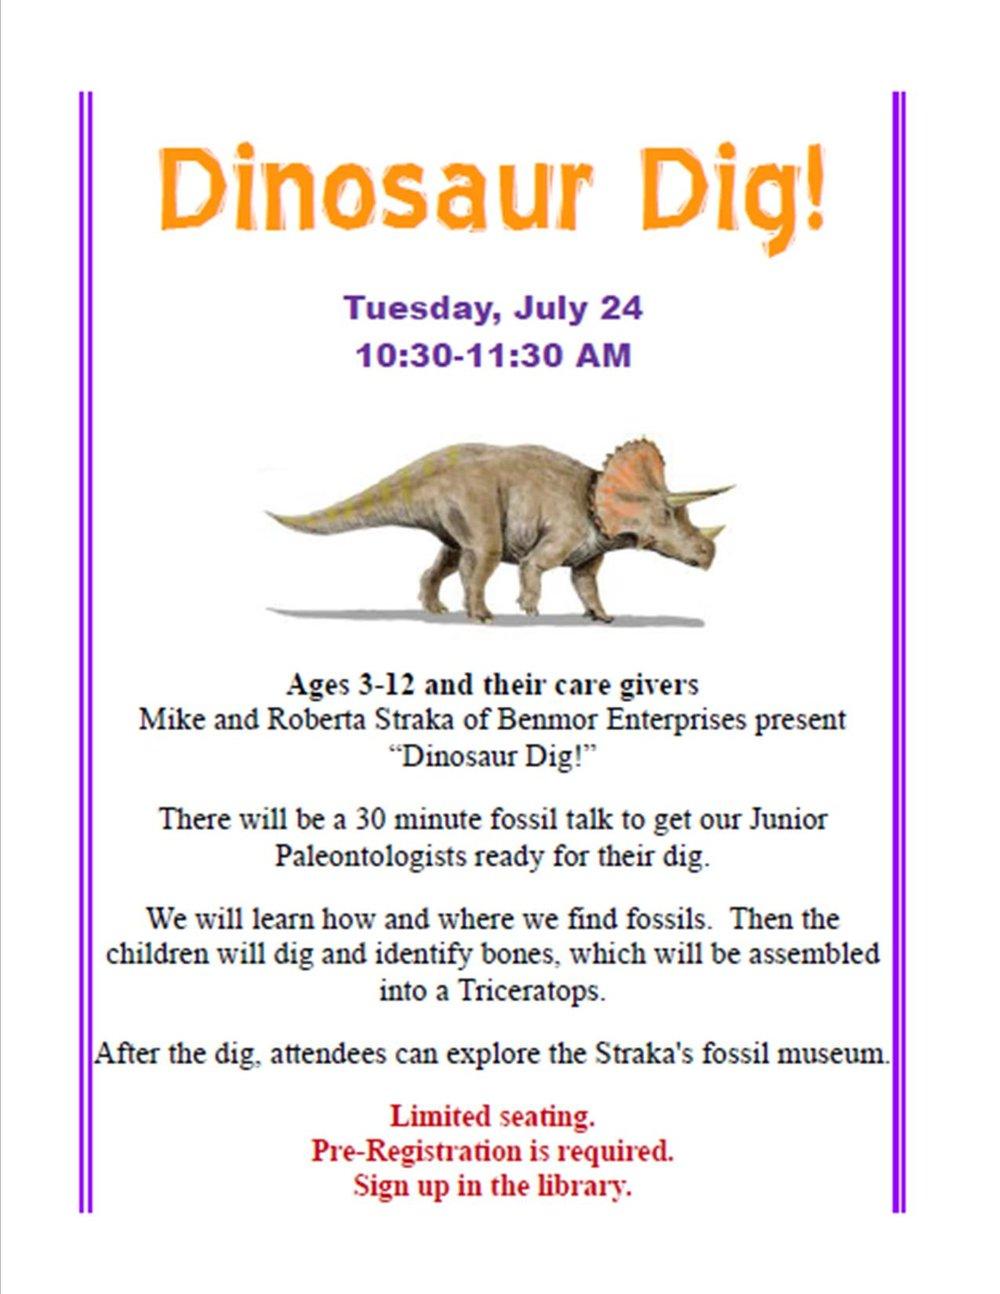 Dinosaur Dig.jpg